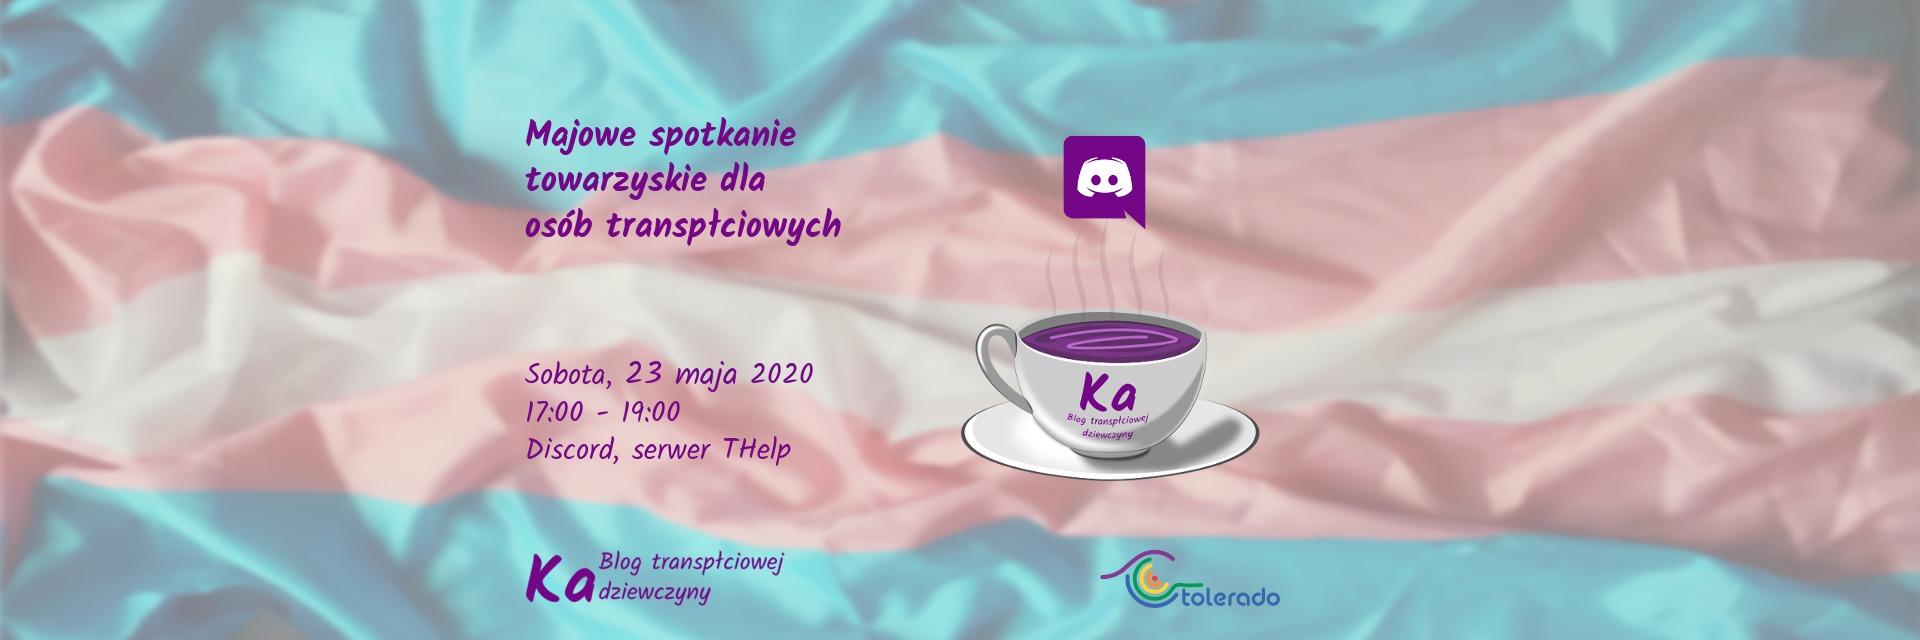 Majowe spotkanie towarzyskie dla osób transpłciowych 23.05.2020